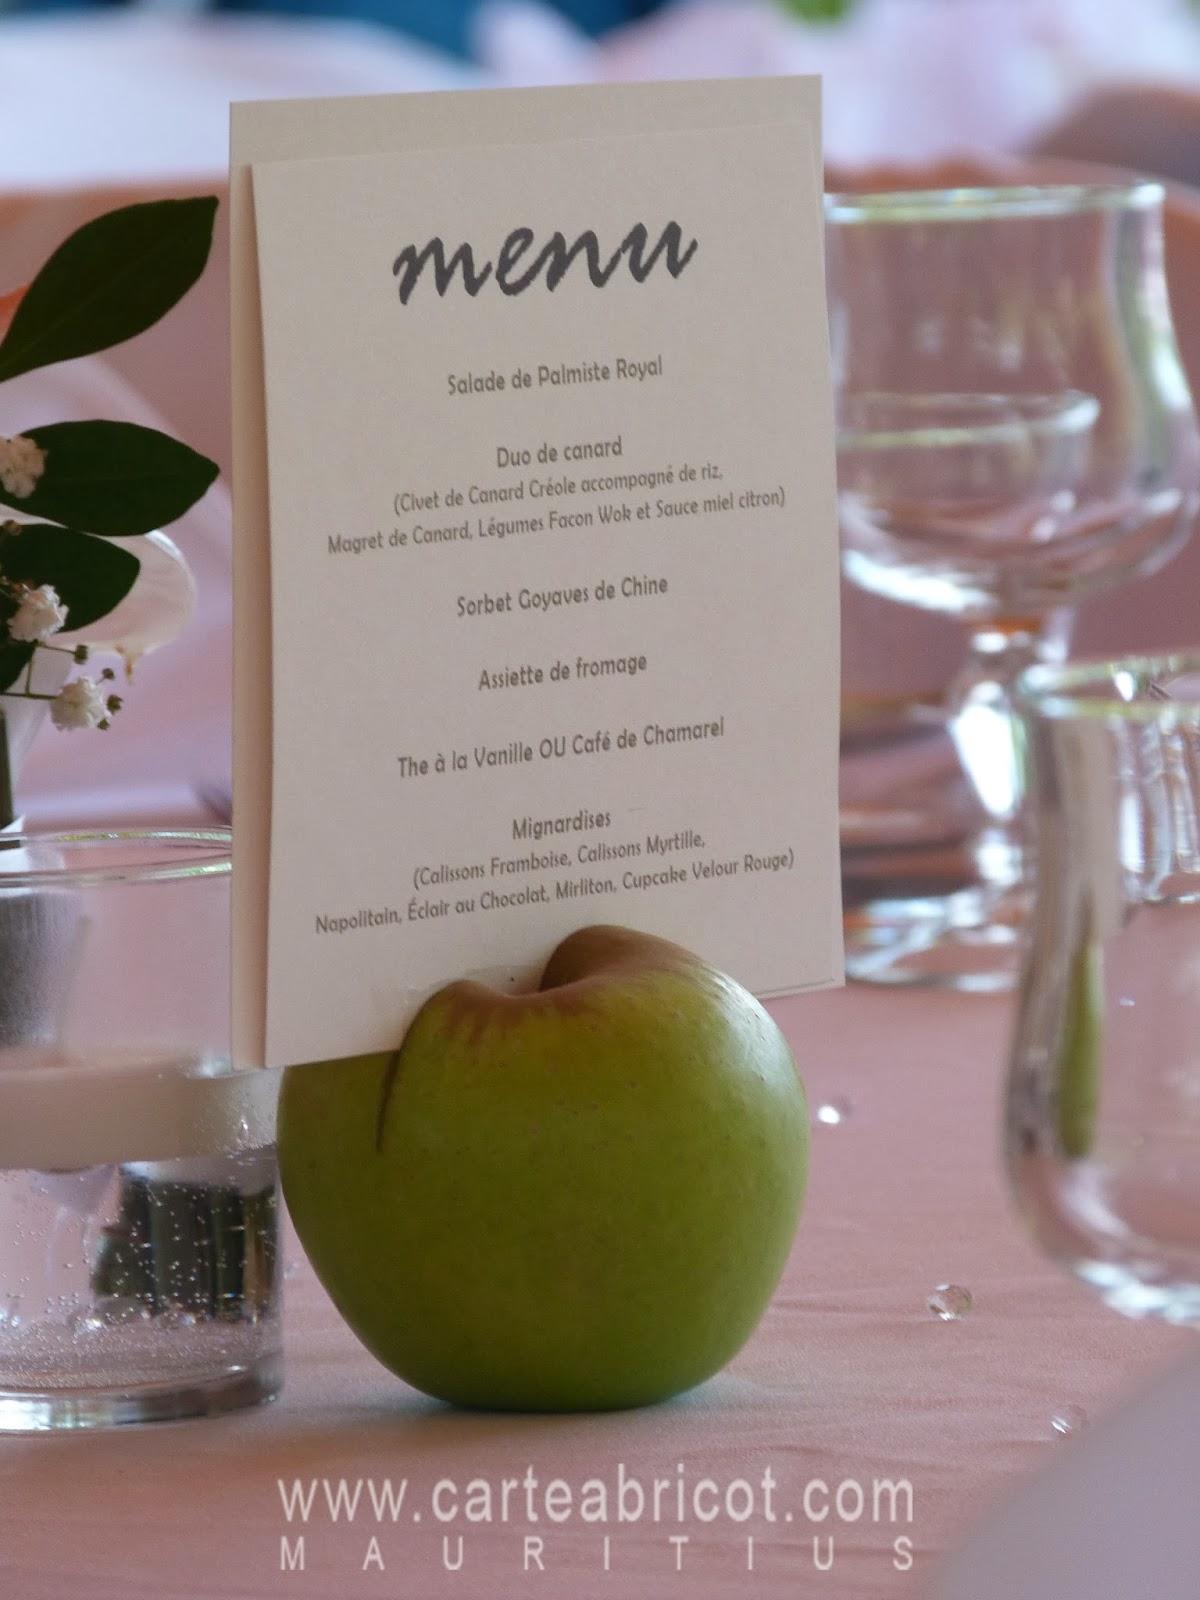 Assez Carte Abricot Wedding Planner à l'Ile Maurice: juillet 2013 QL91